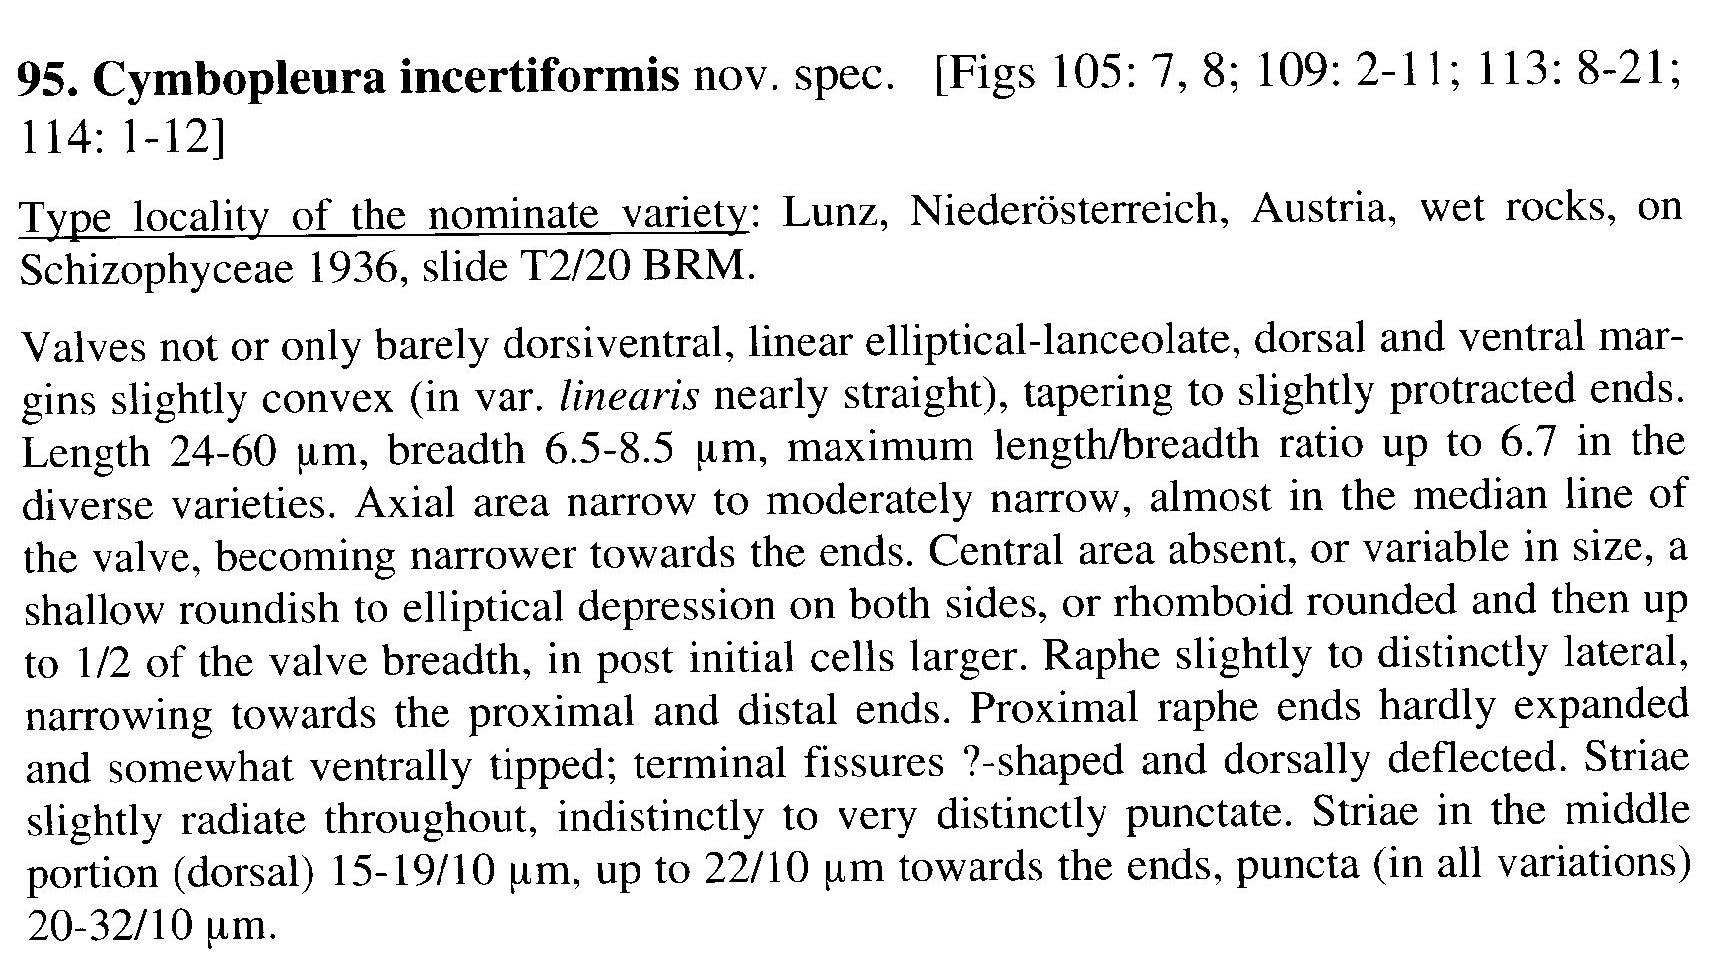 Cymbopleura incertiformis orig desc